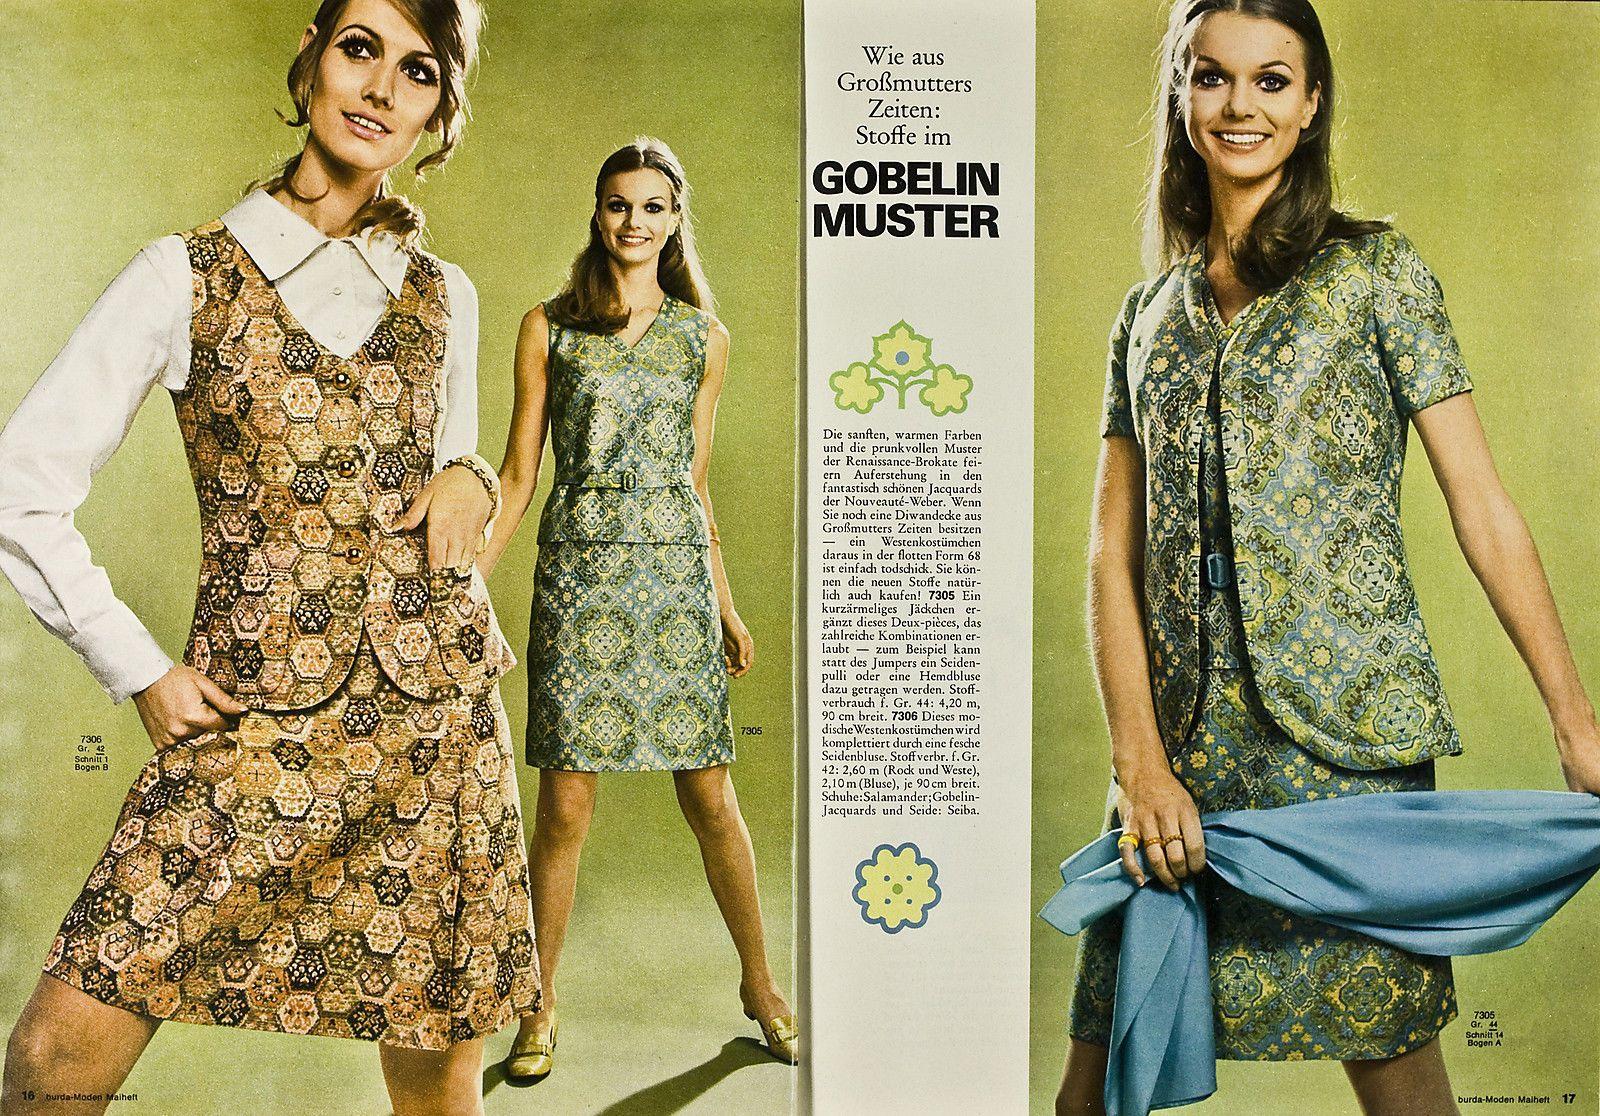 Burda Moden 05.1968 in Libros, revistas y cómics, Revistas, Moda y estilo de vida | eBay